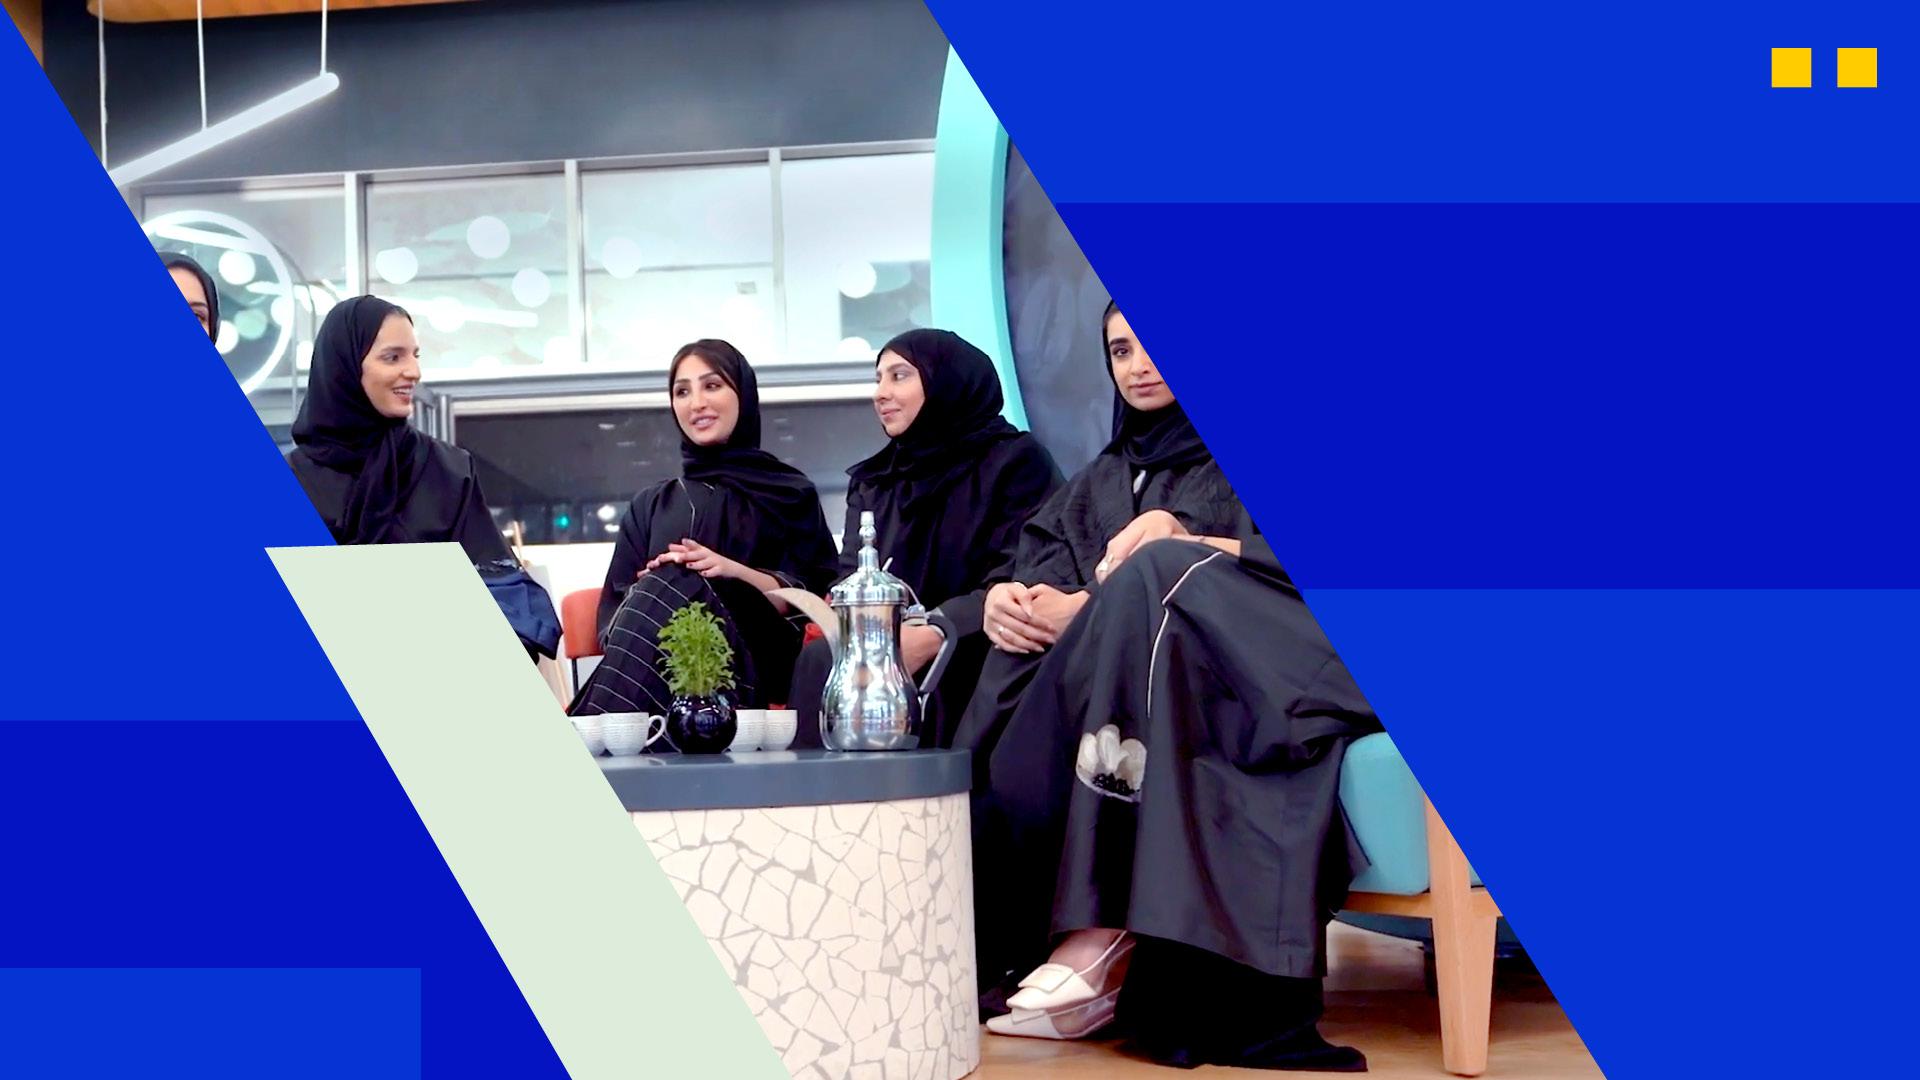 Happy Emirati Women's Day!